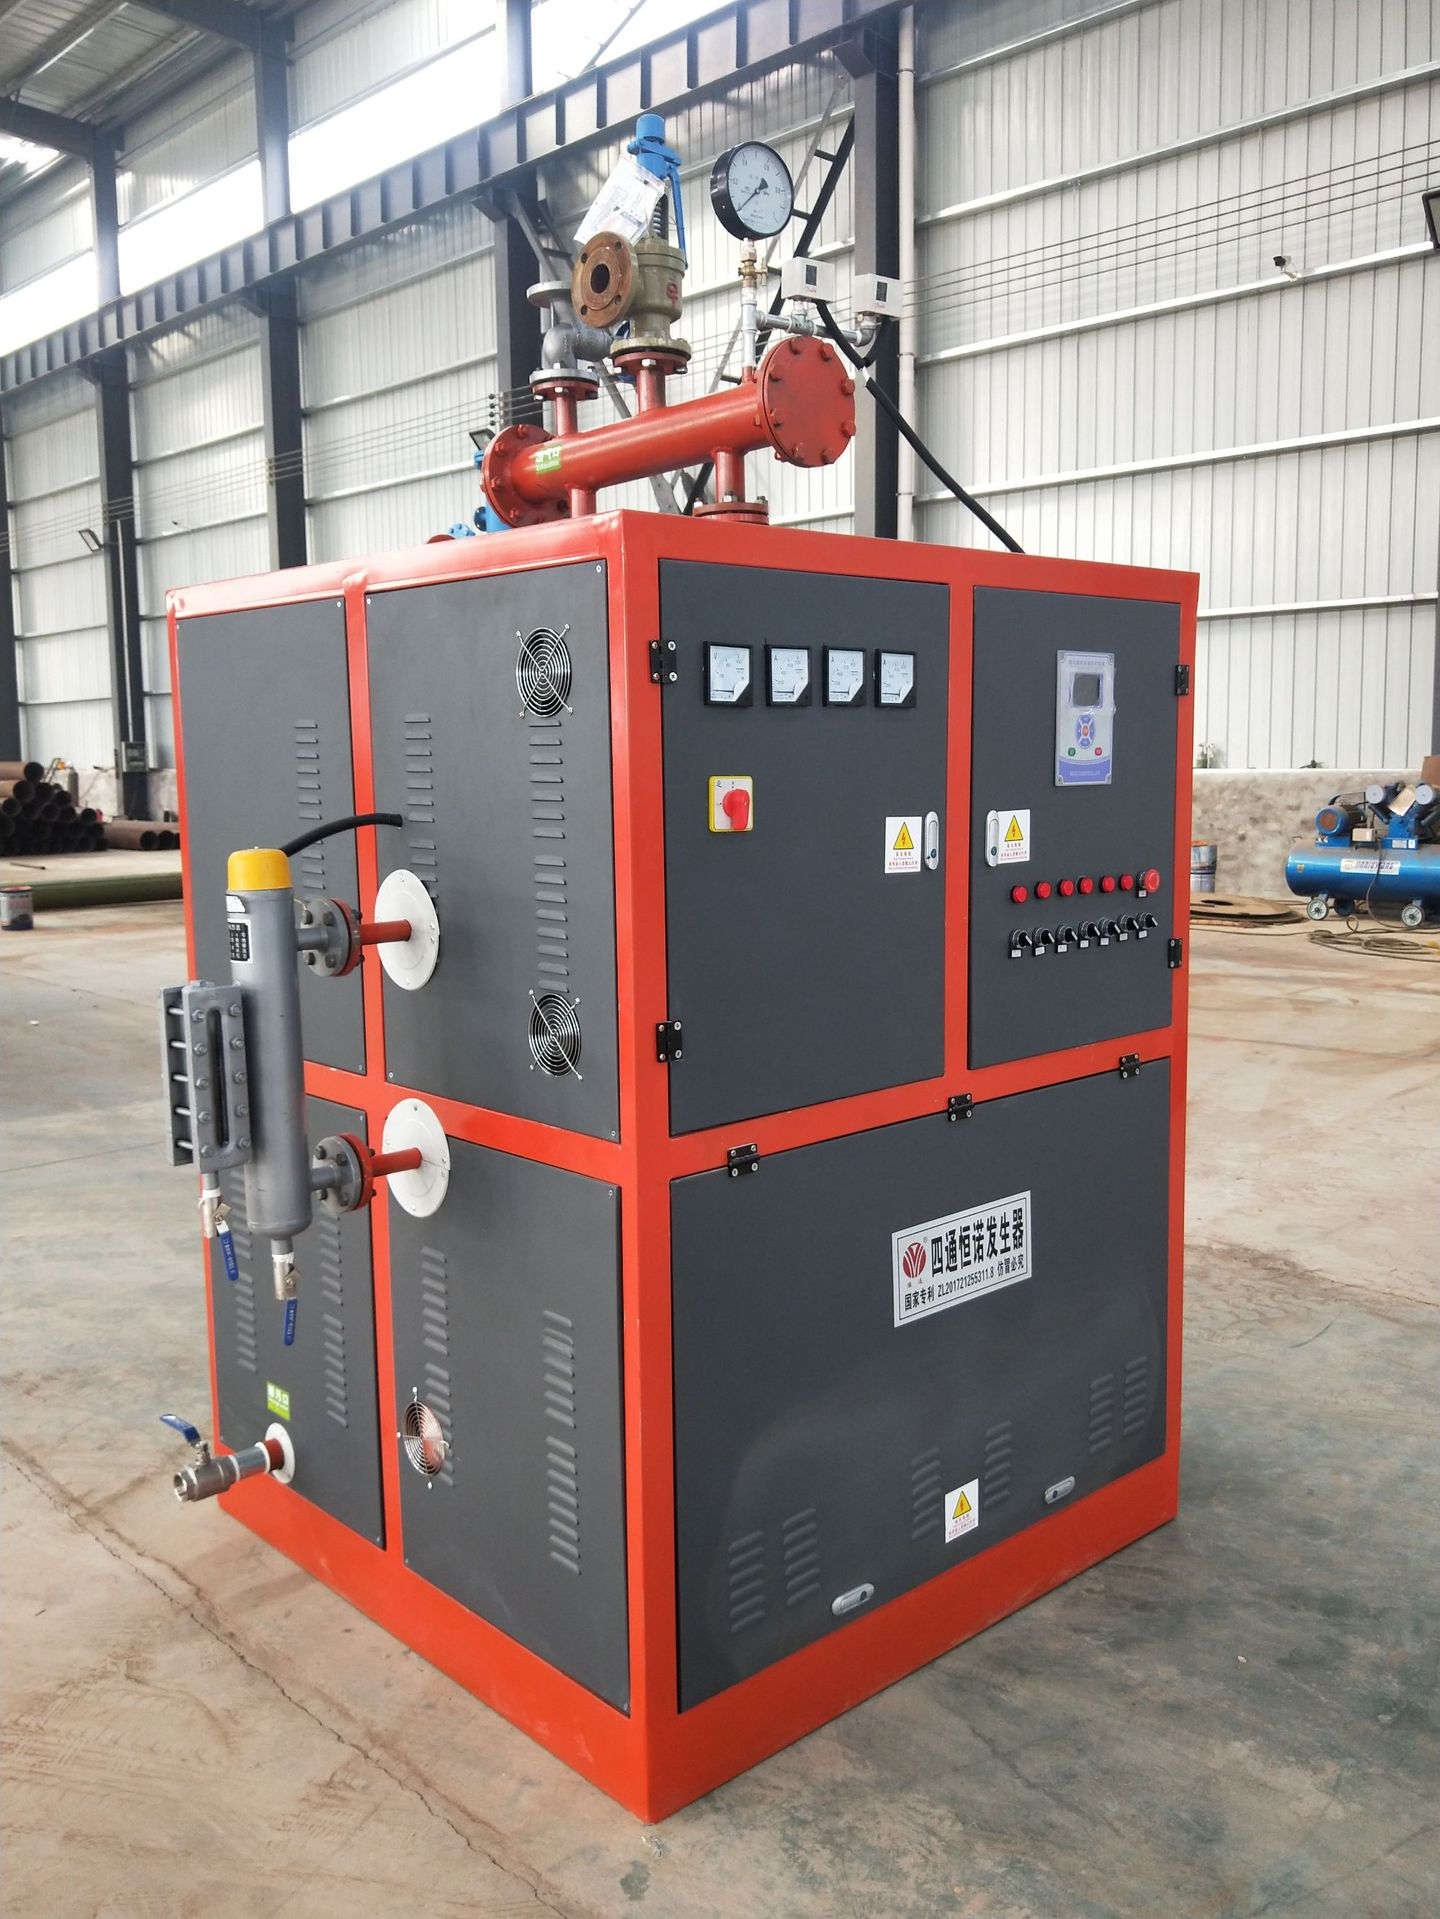 新型全自动蒸汽发生器 蒸汽发生器价格  蒸汽发生器厂家直销示例图3